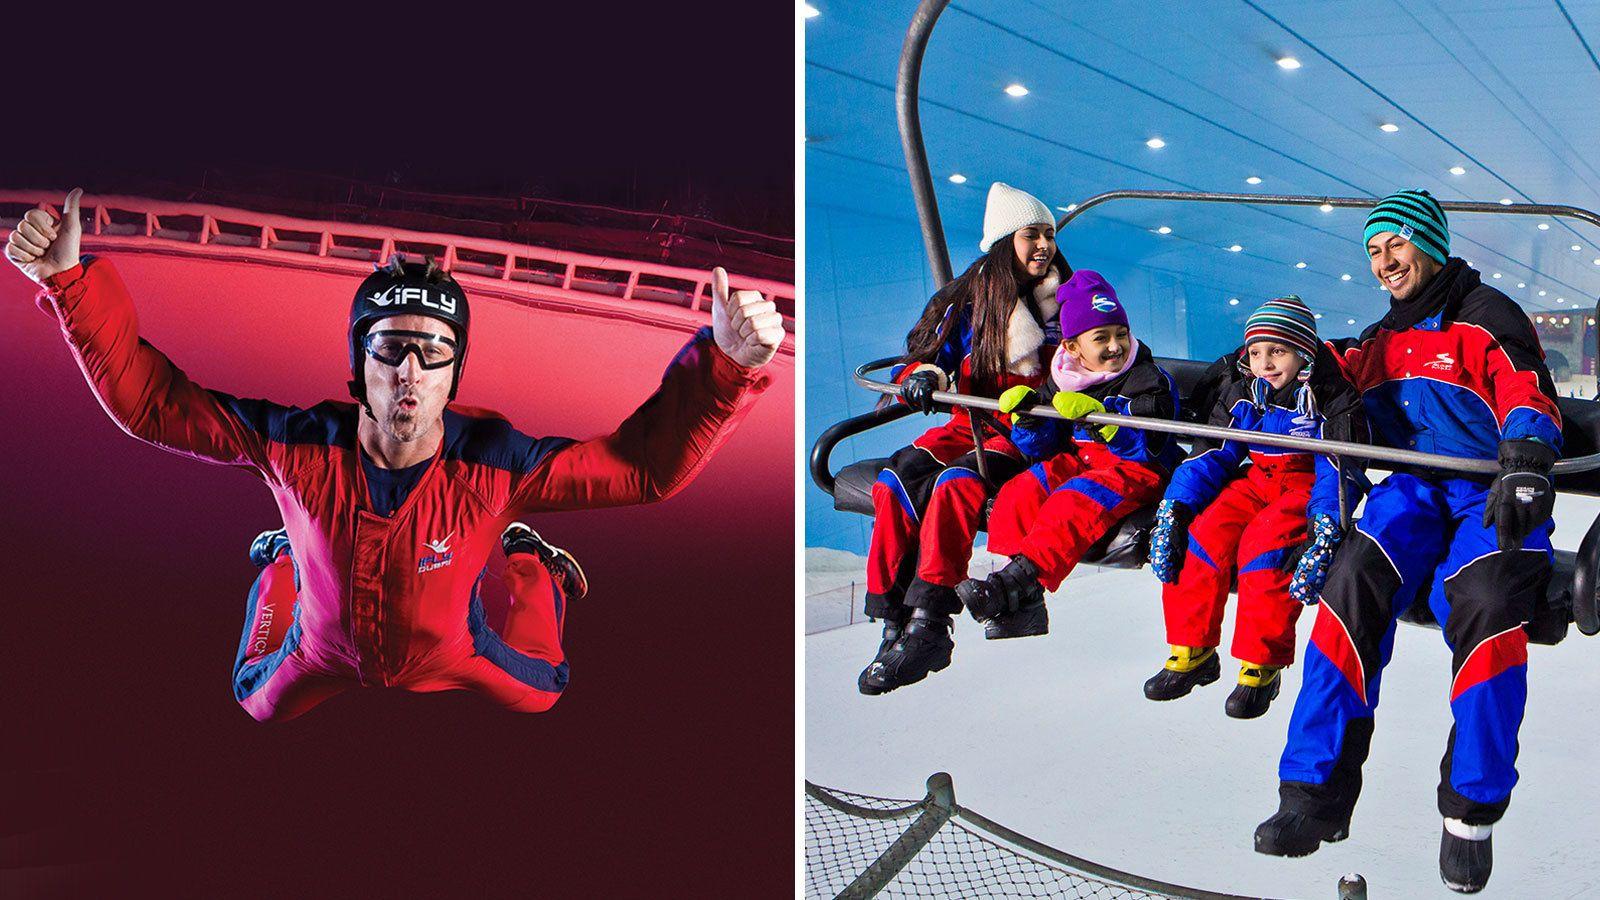 SkiFly Experience—Polar Pass & iFly Combo